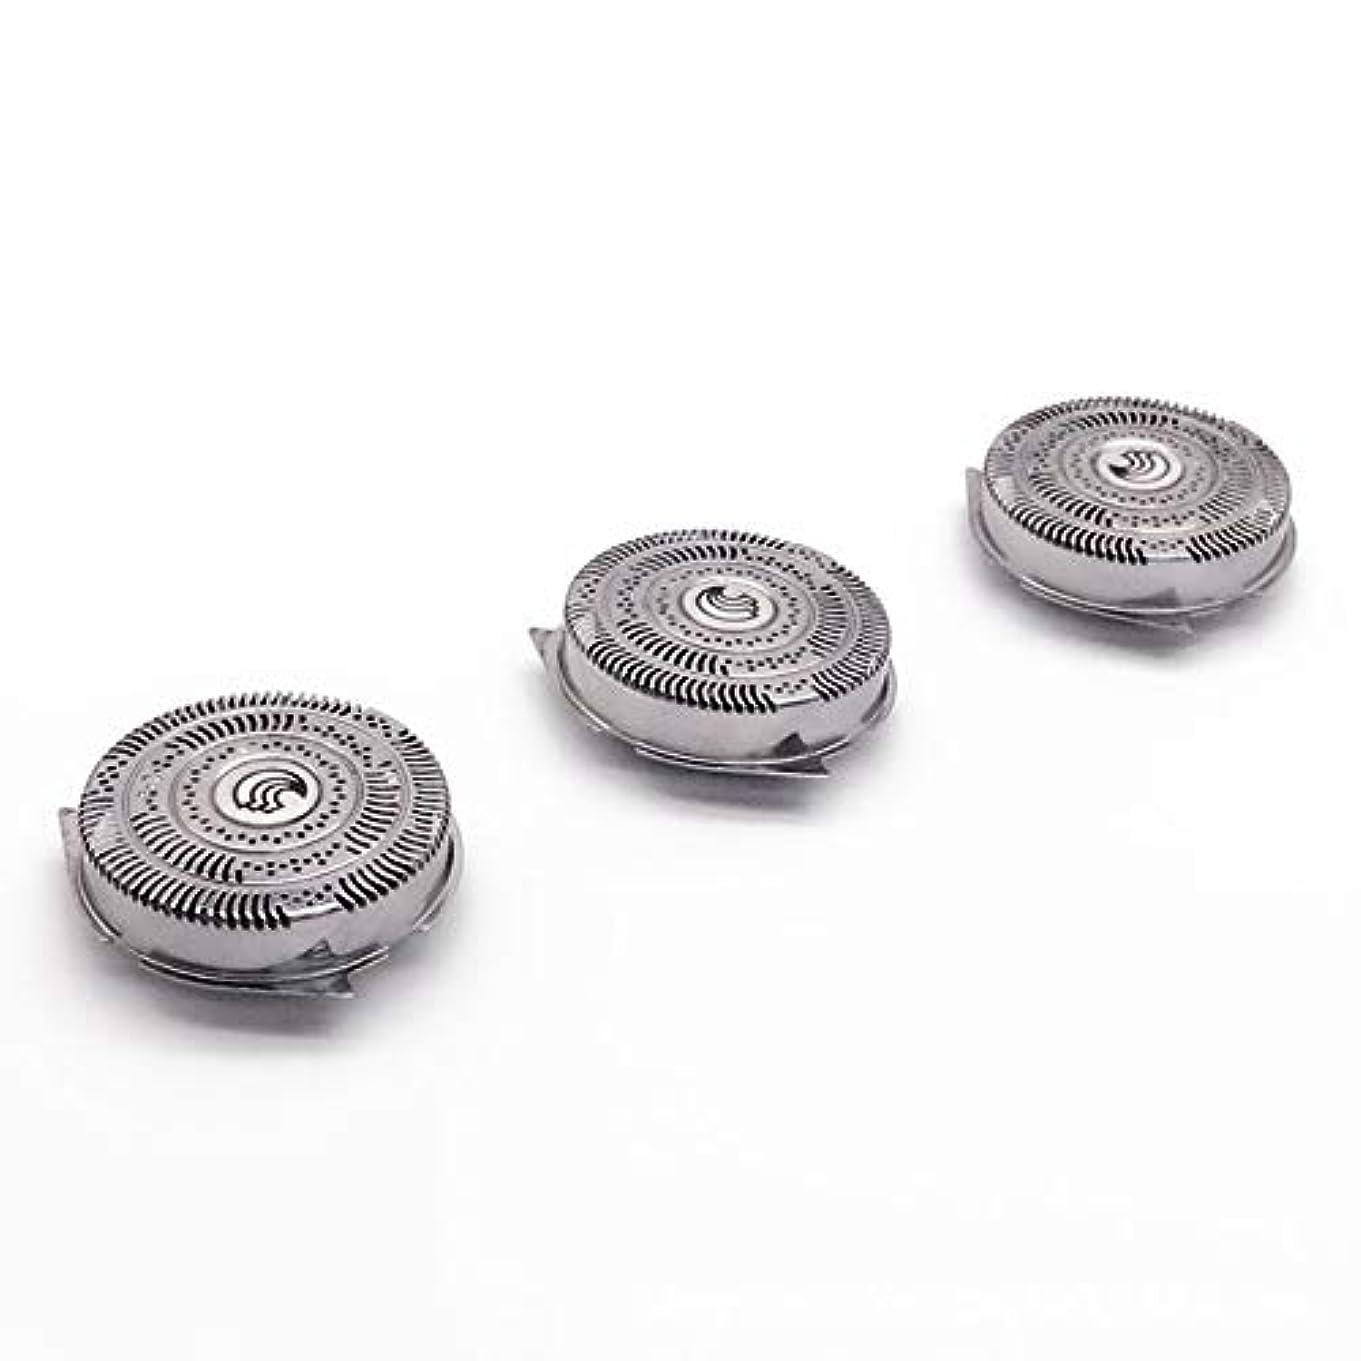 ケーブル寄託癌3ピースシェーバーかみそり刃シェービングヘッド交換用フィットフィリップスHQ9070 HQ9080 HQ8240 / 8260 PT920ロータリーシェーバーアクセサリー(Color:silver)